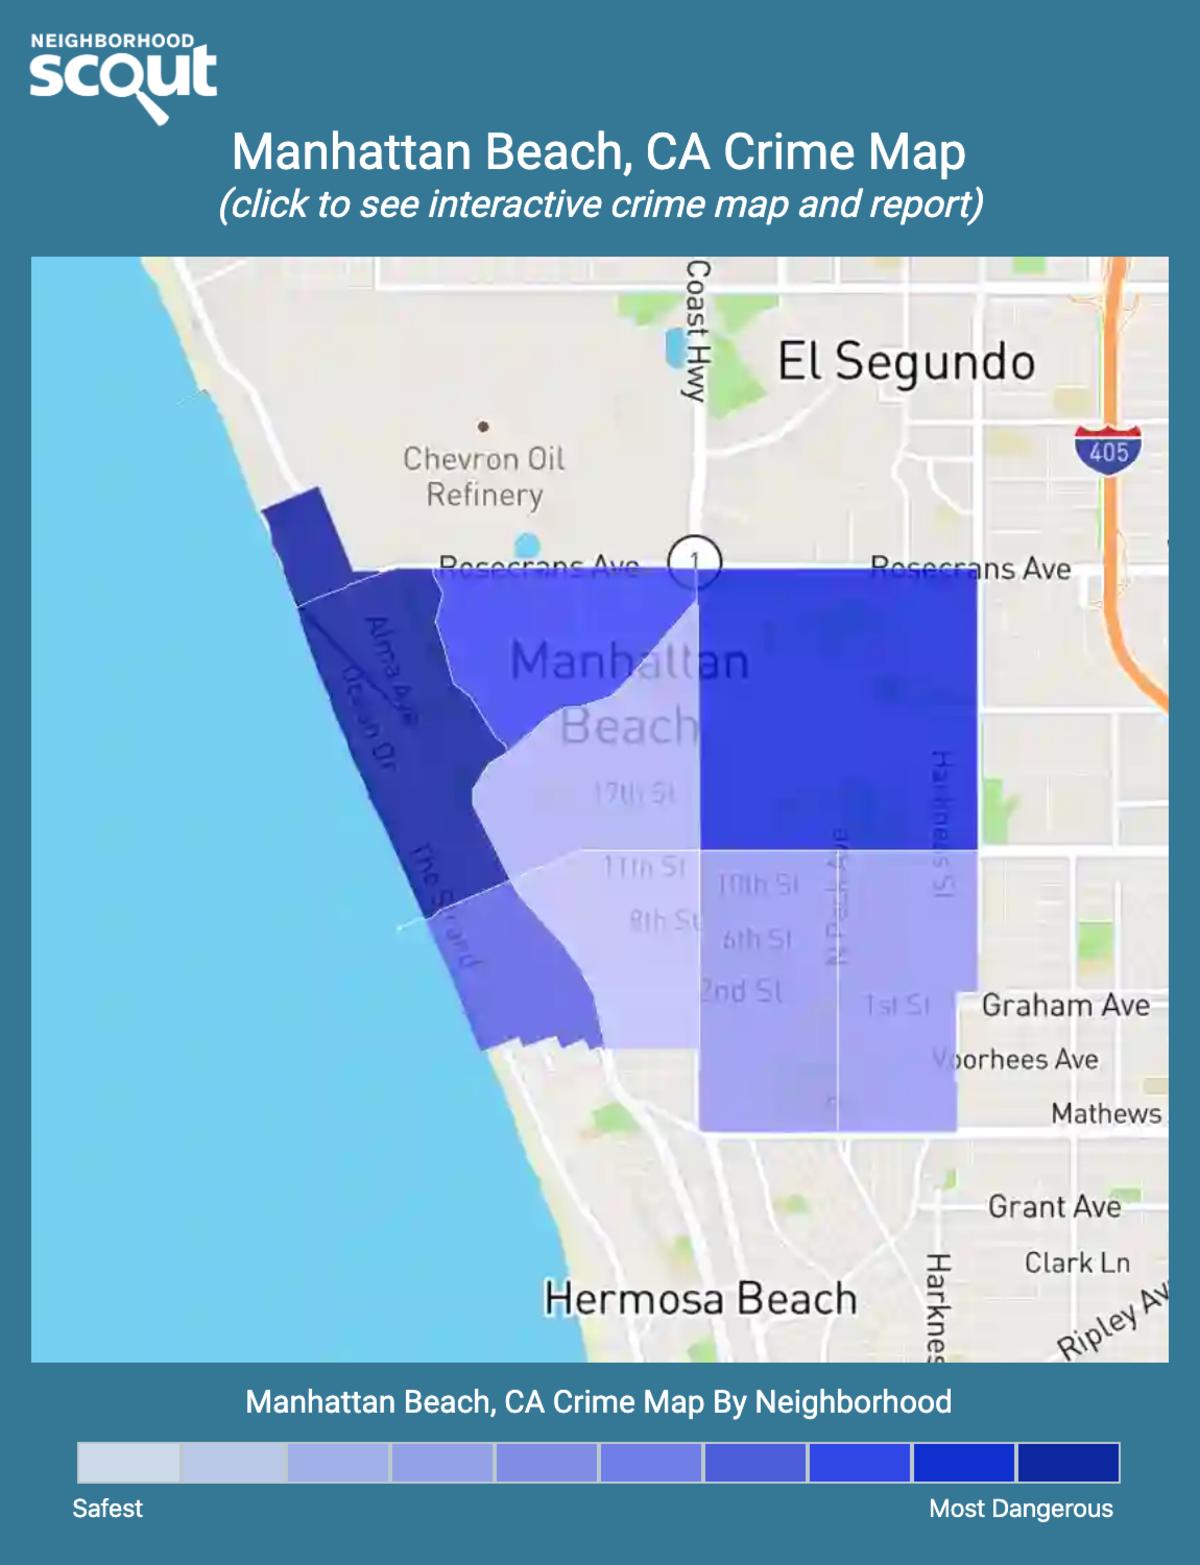 Manhattan Beach, California crime map